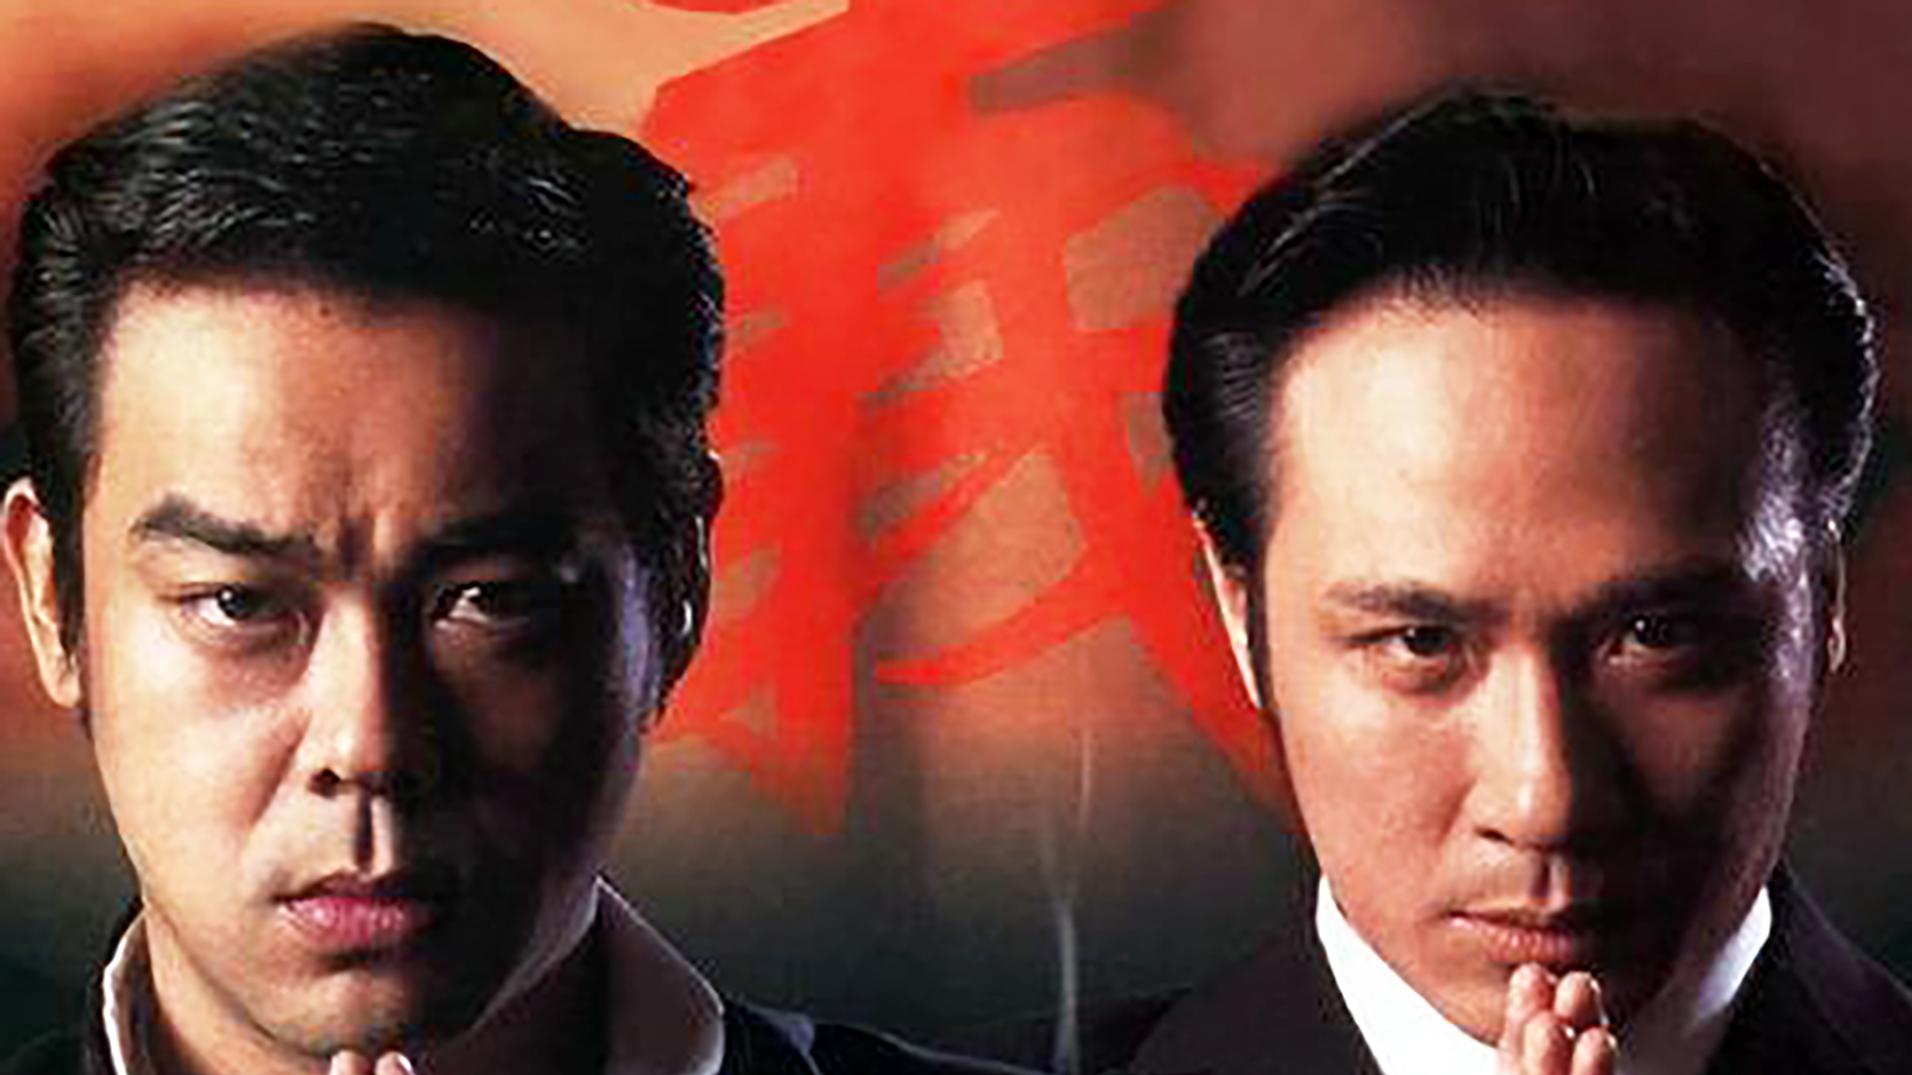 香港地下皇帝,力压跛豪,统一黑白两道。昔日港片的枭雄片代表作